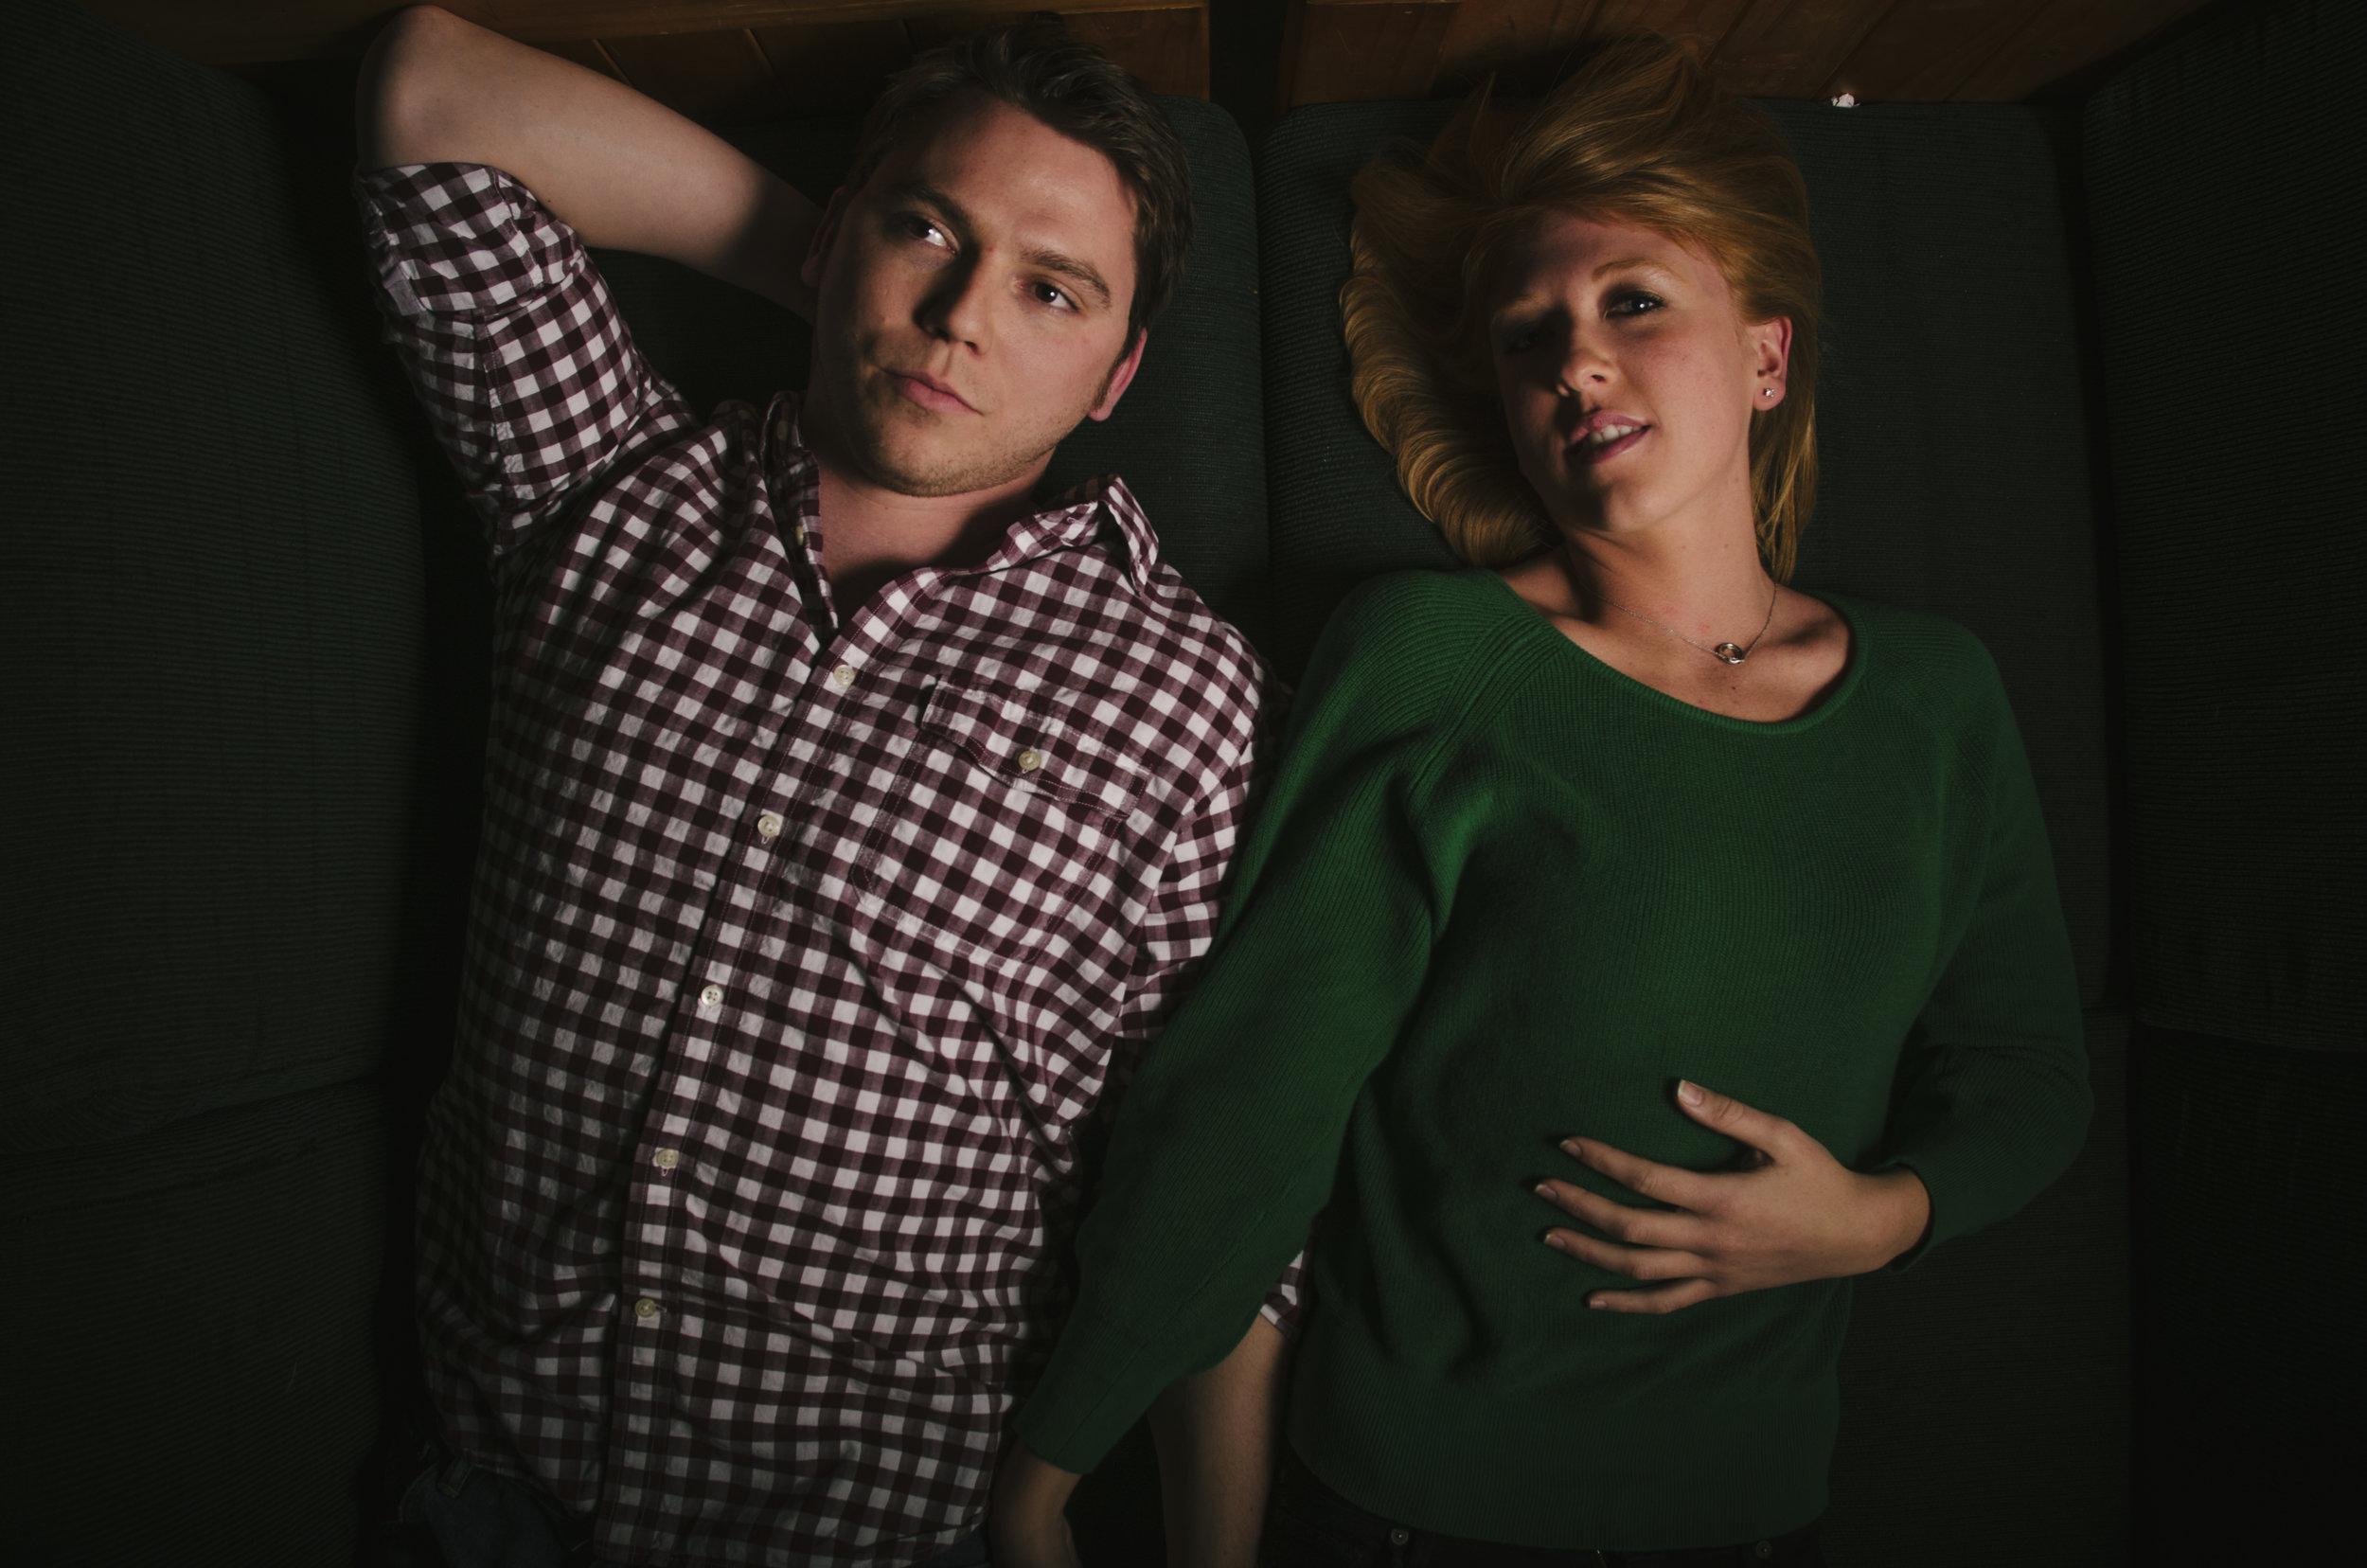 Natalie&Ben022_RauschPhoto.JPG